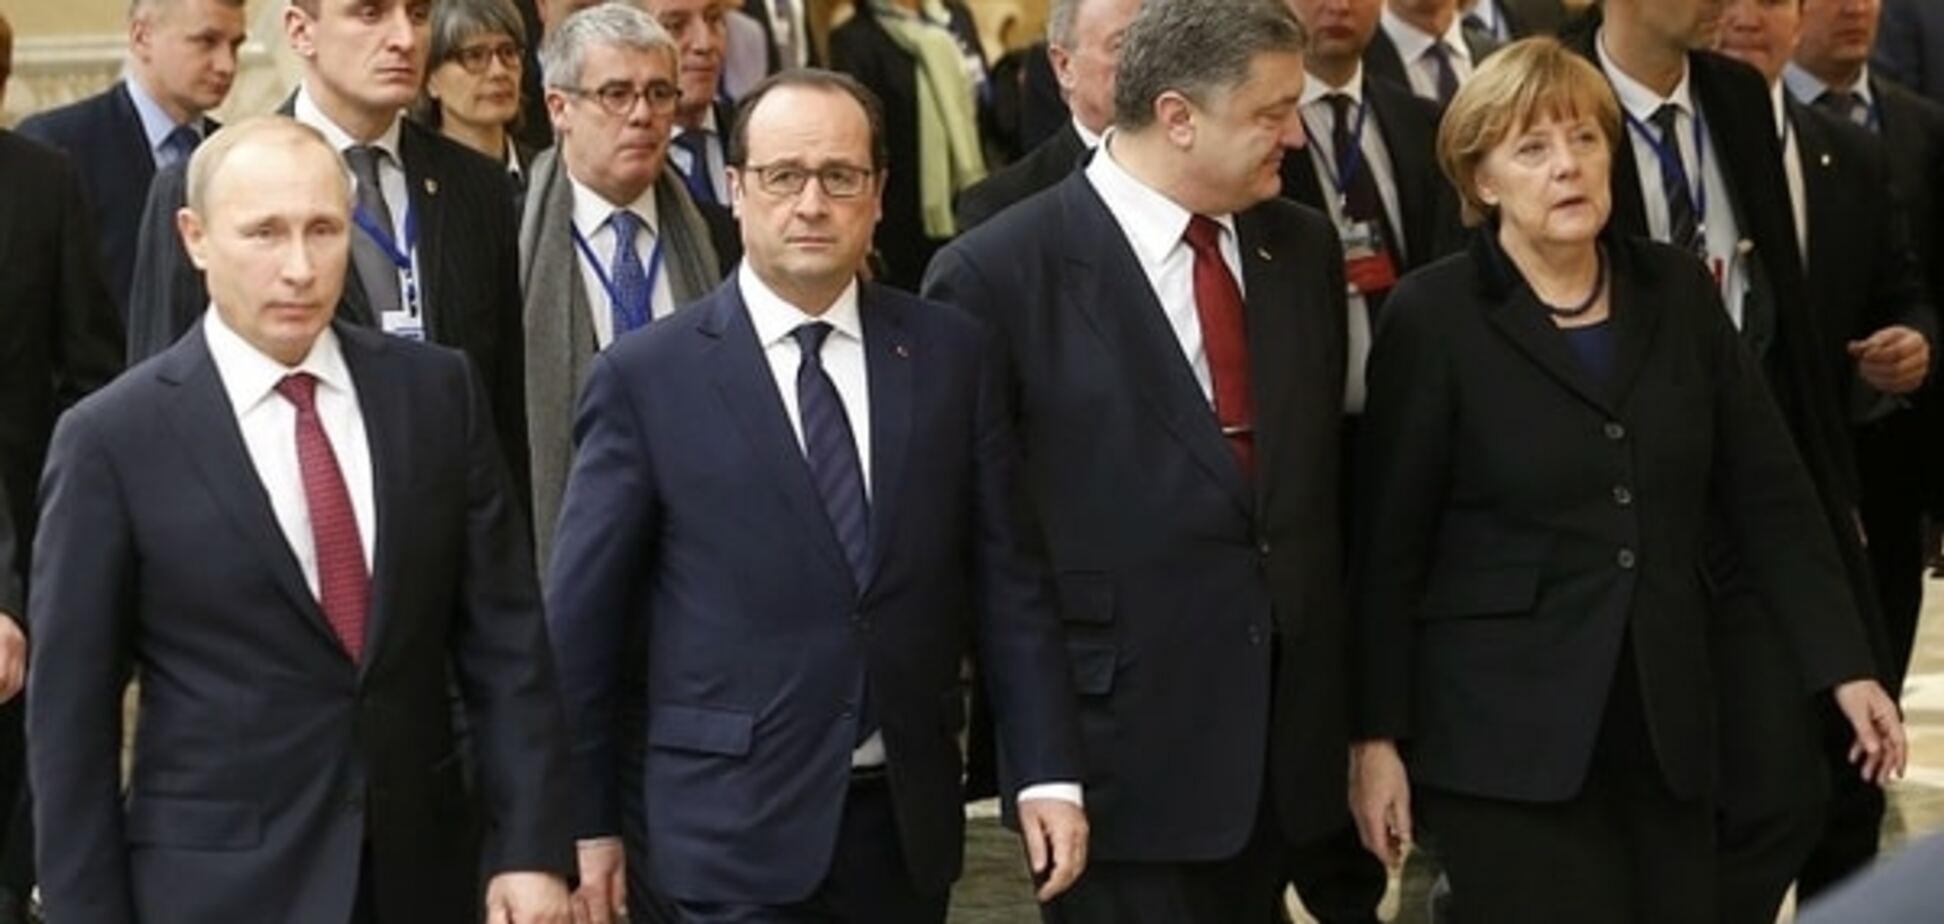 Порошенко не спорит с Олландом и Меркель, а гнет свою линию - Чорновил